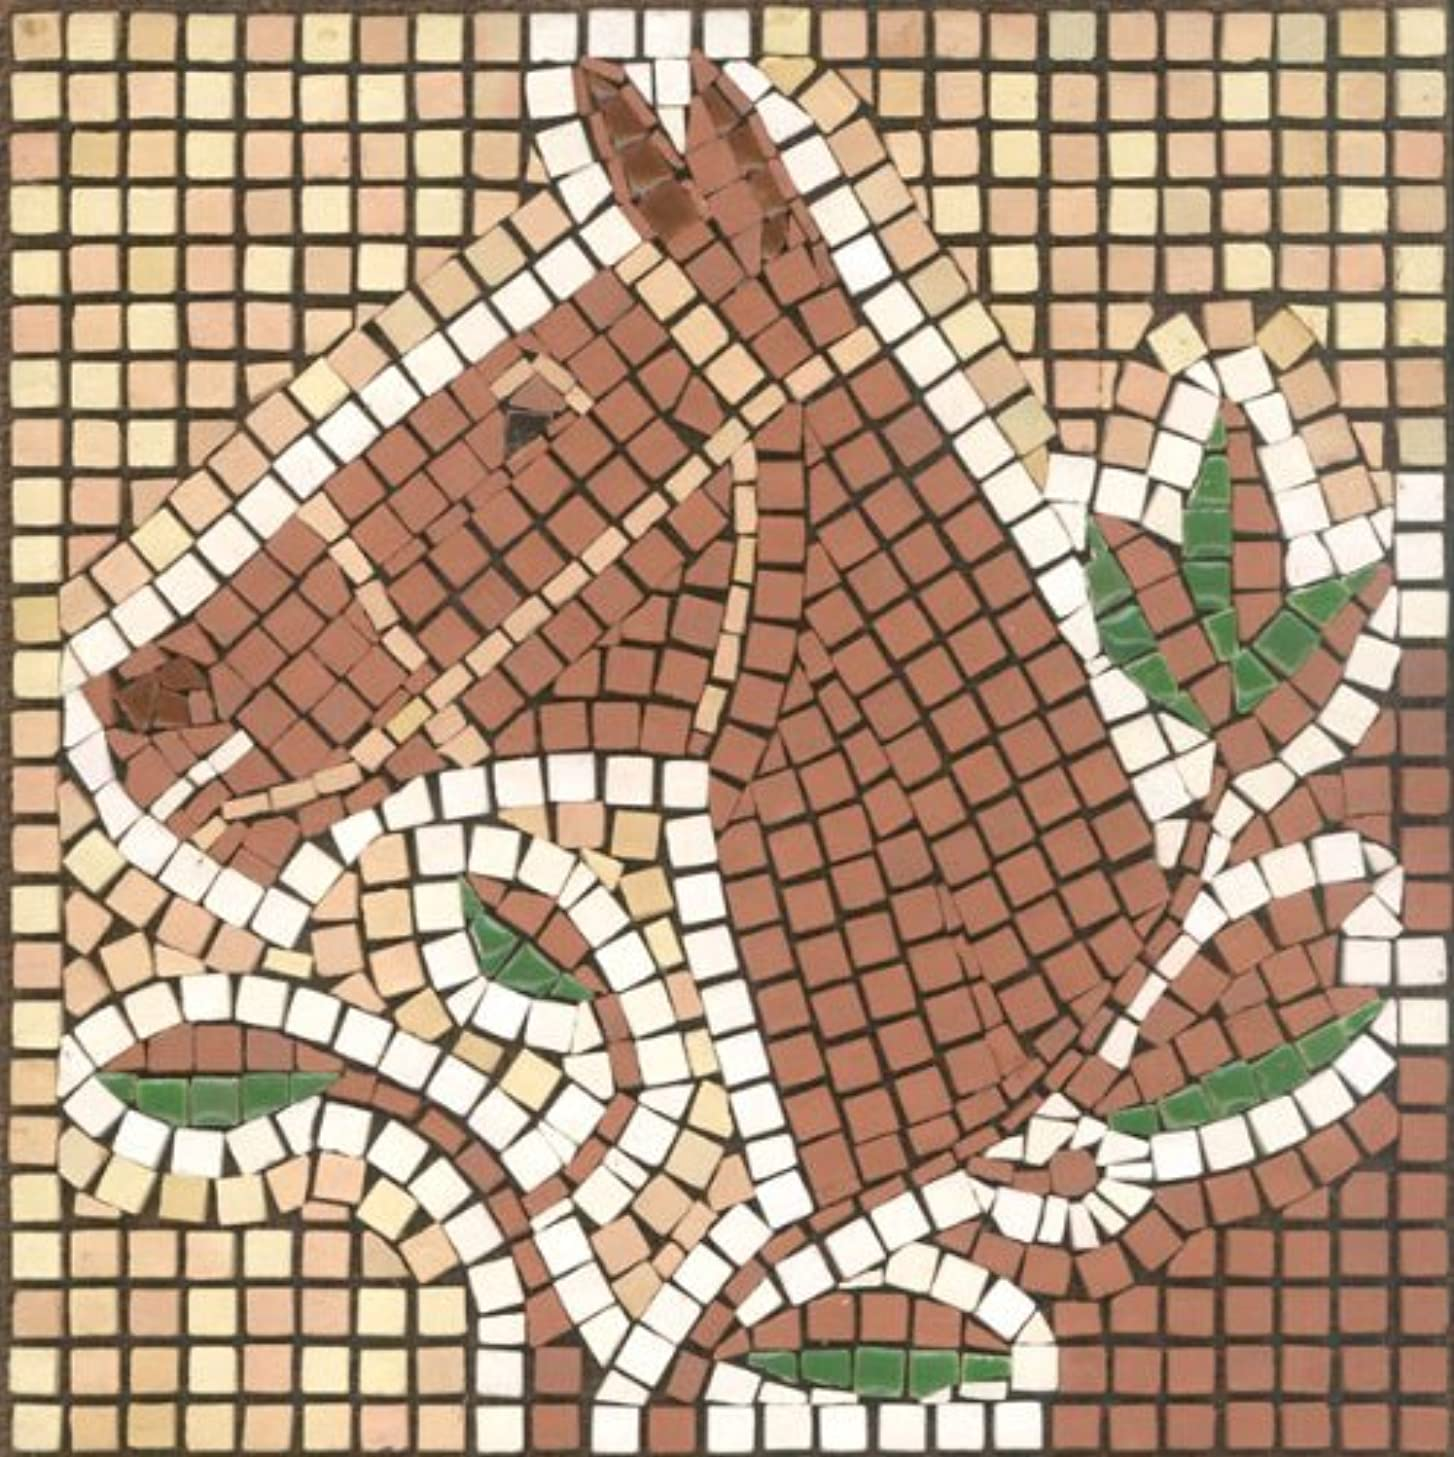 DIY Mosaic Art Kit 5.9'' Square, 15x15cm, Horse